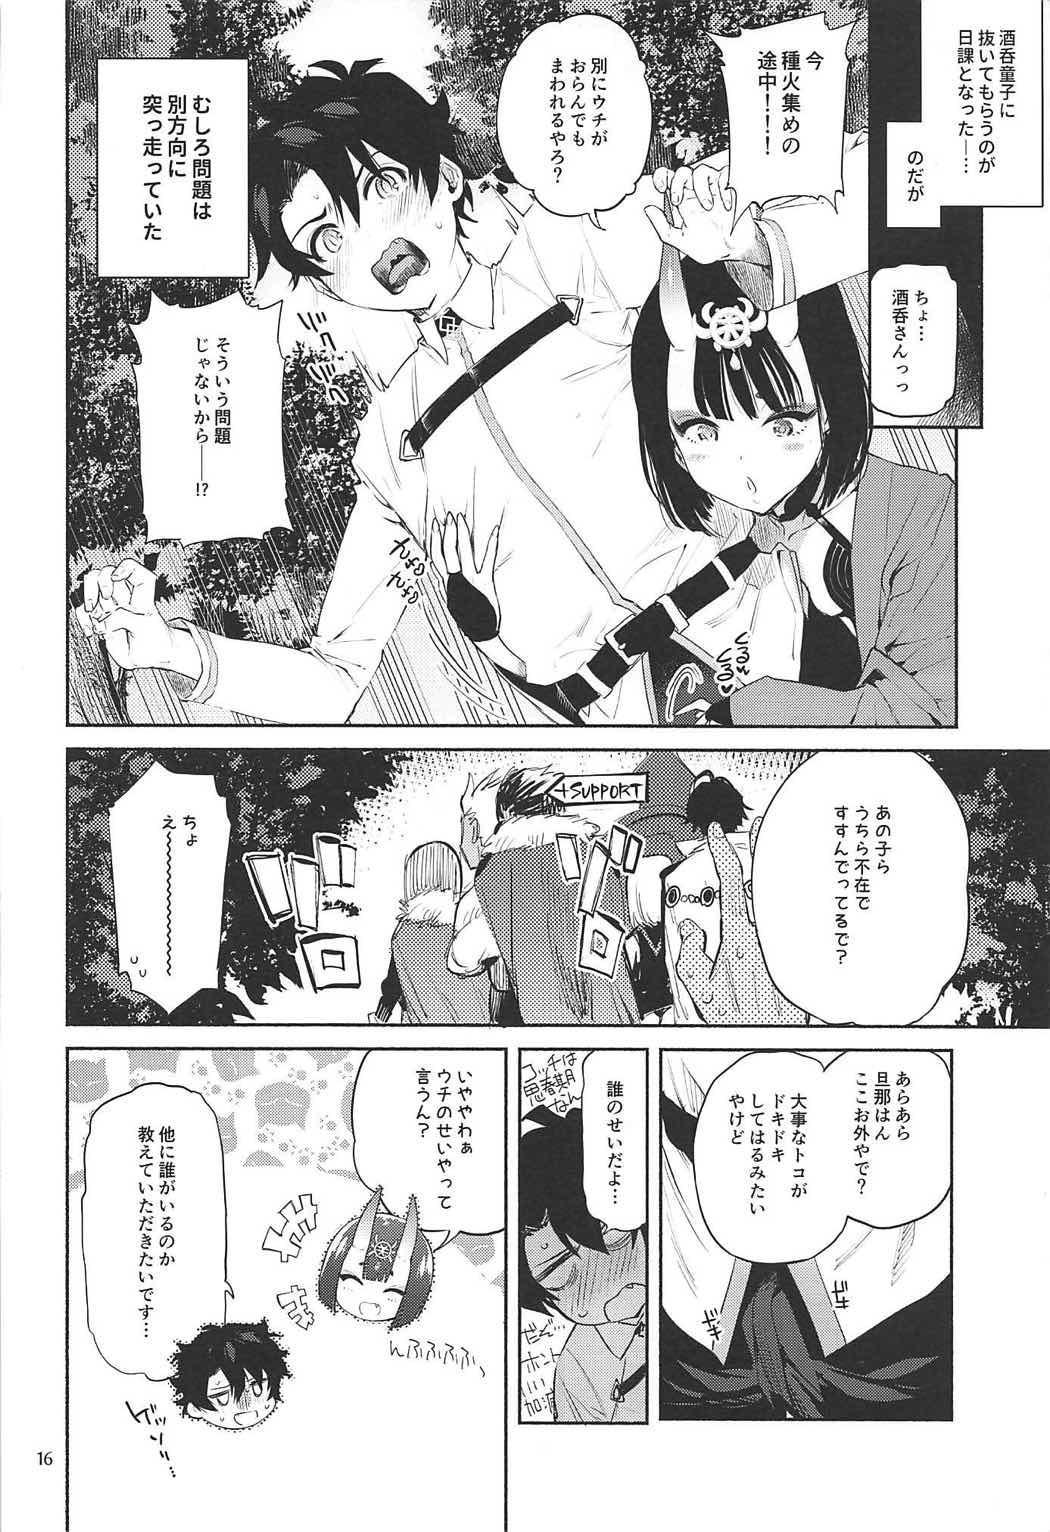 Shuten Douji ga Nuitekureru Hon 12